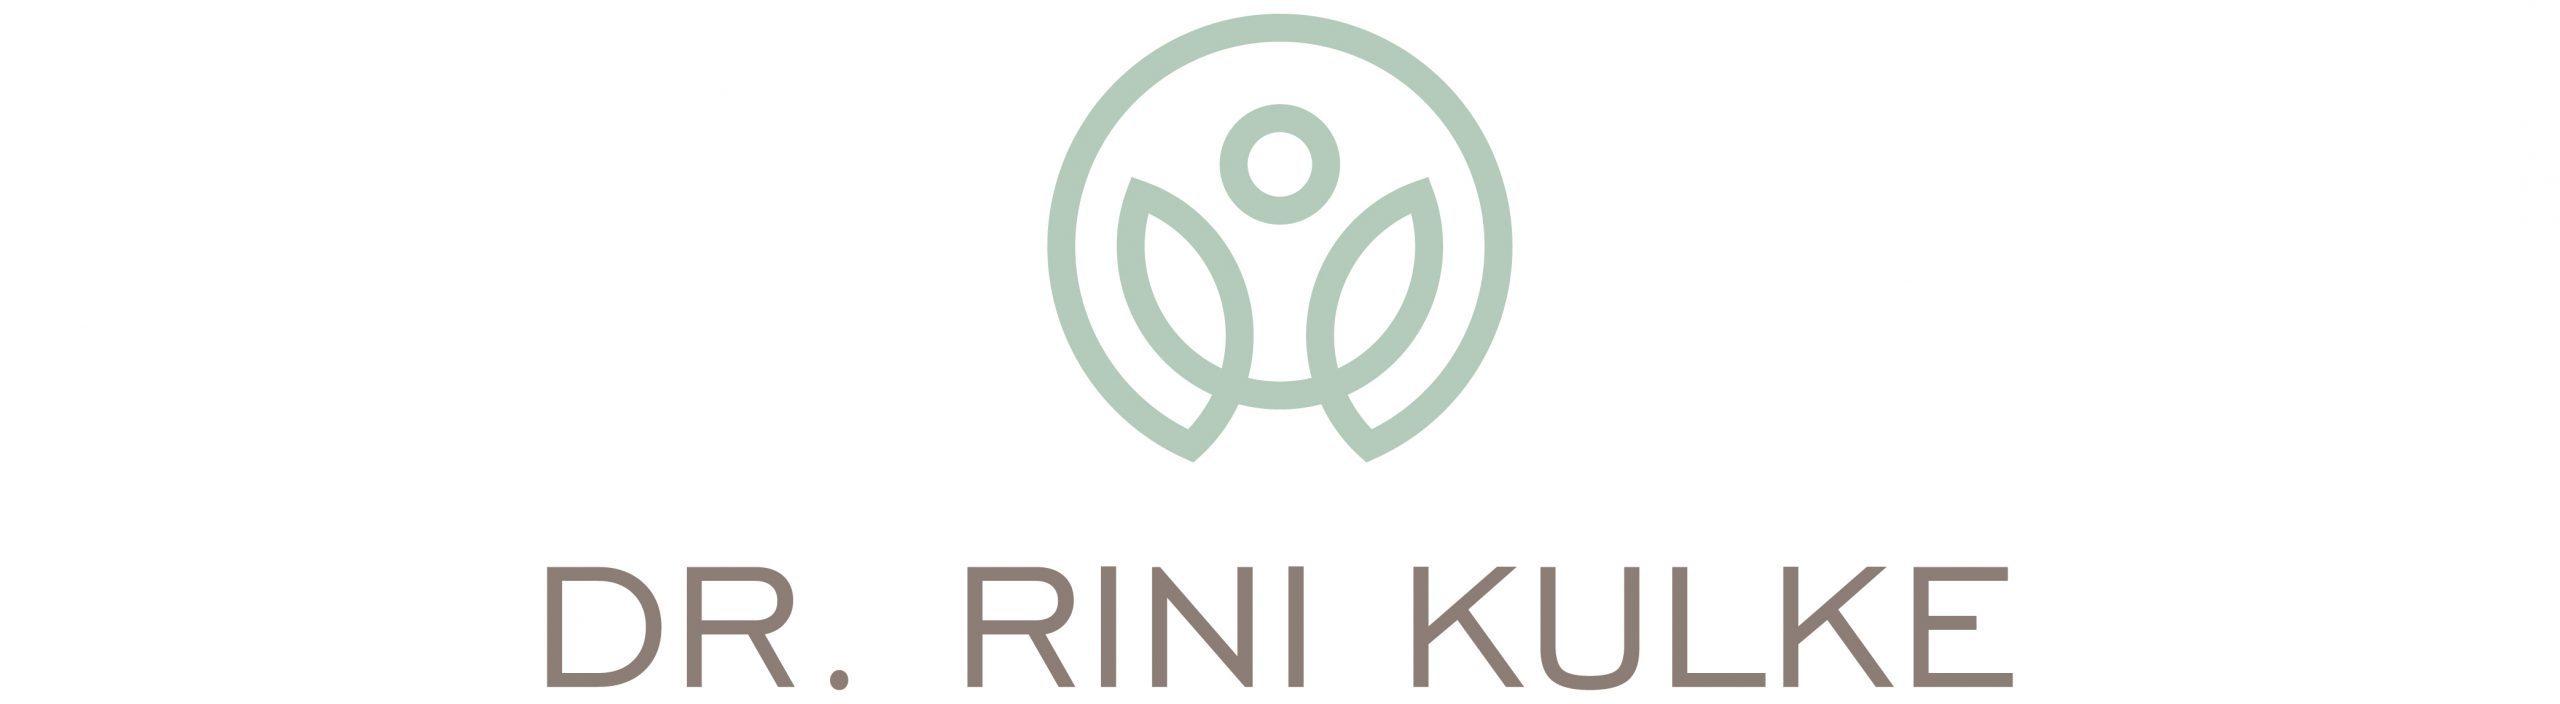 Dr. Rini Kulke